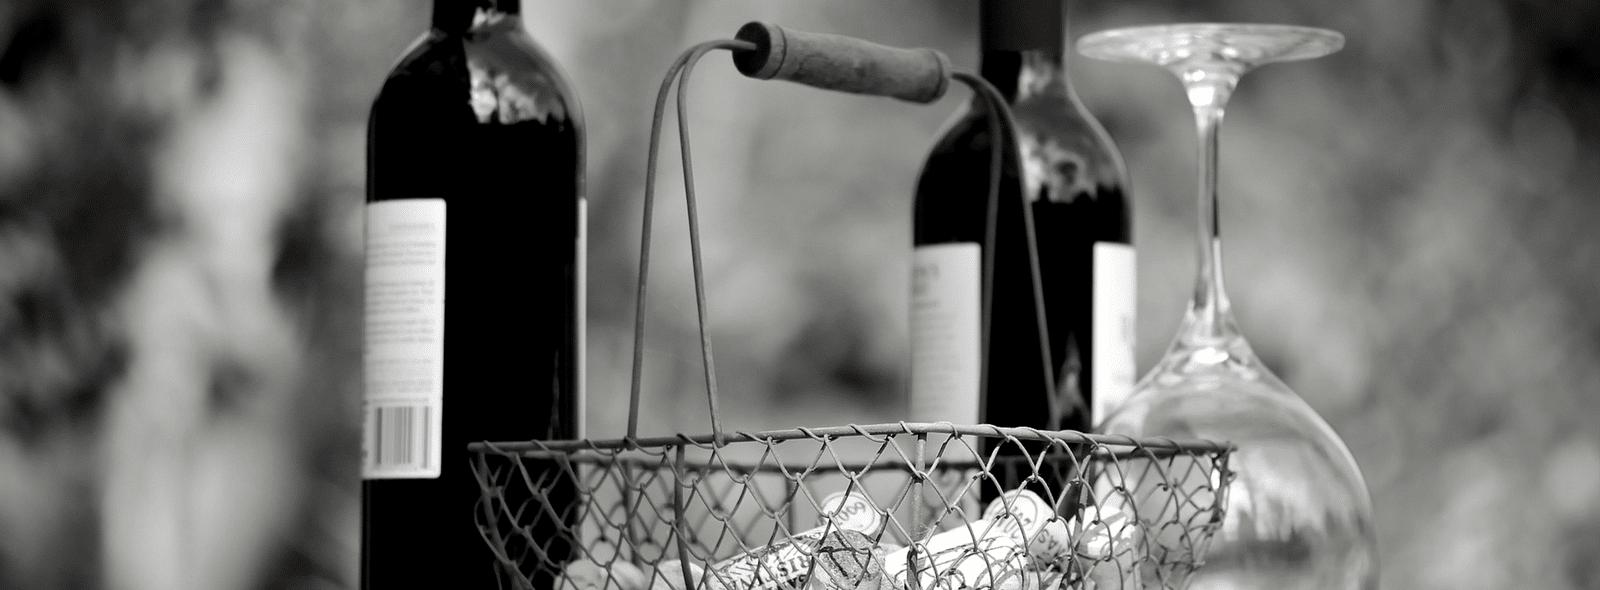 Votre vin livré en 30 minutes